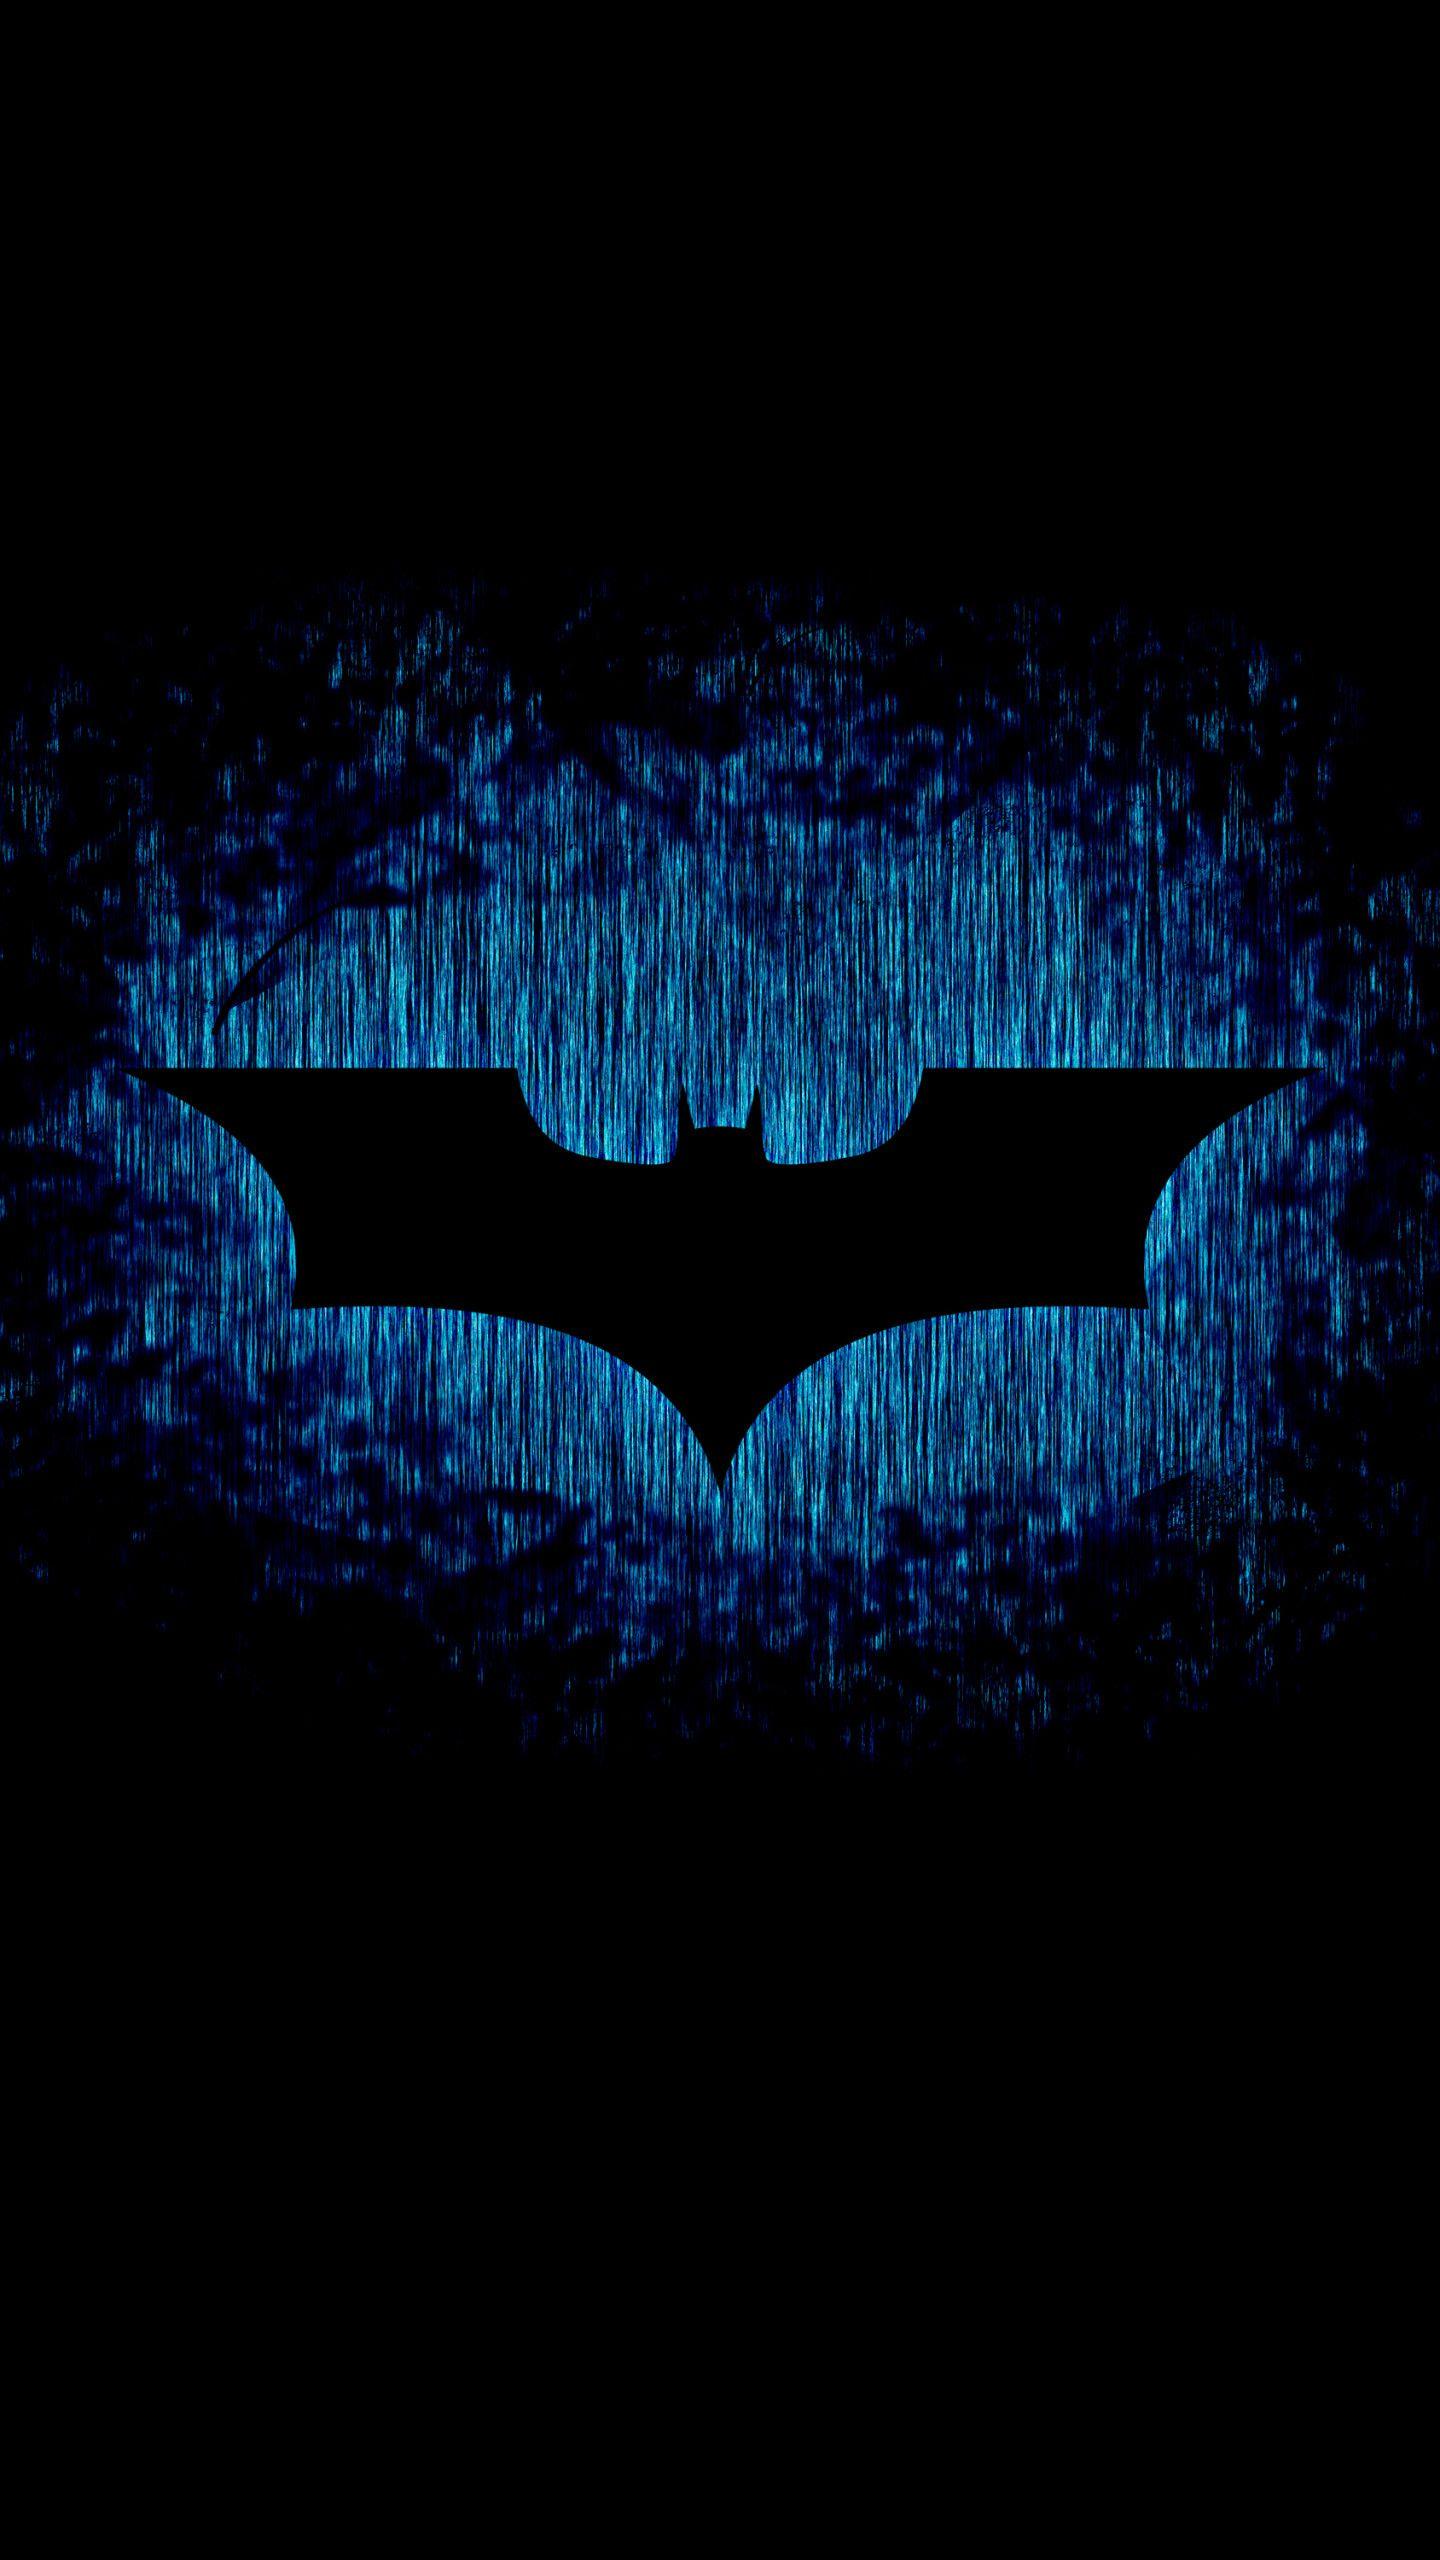 Pin By Lorena Tapia On Mascarillas In 2020 Batman Wallpaper Batman Wallpaper Iphone Batman Comic Wallpaper